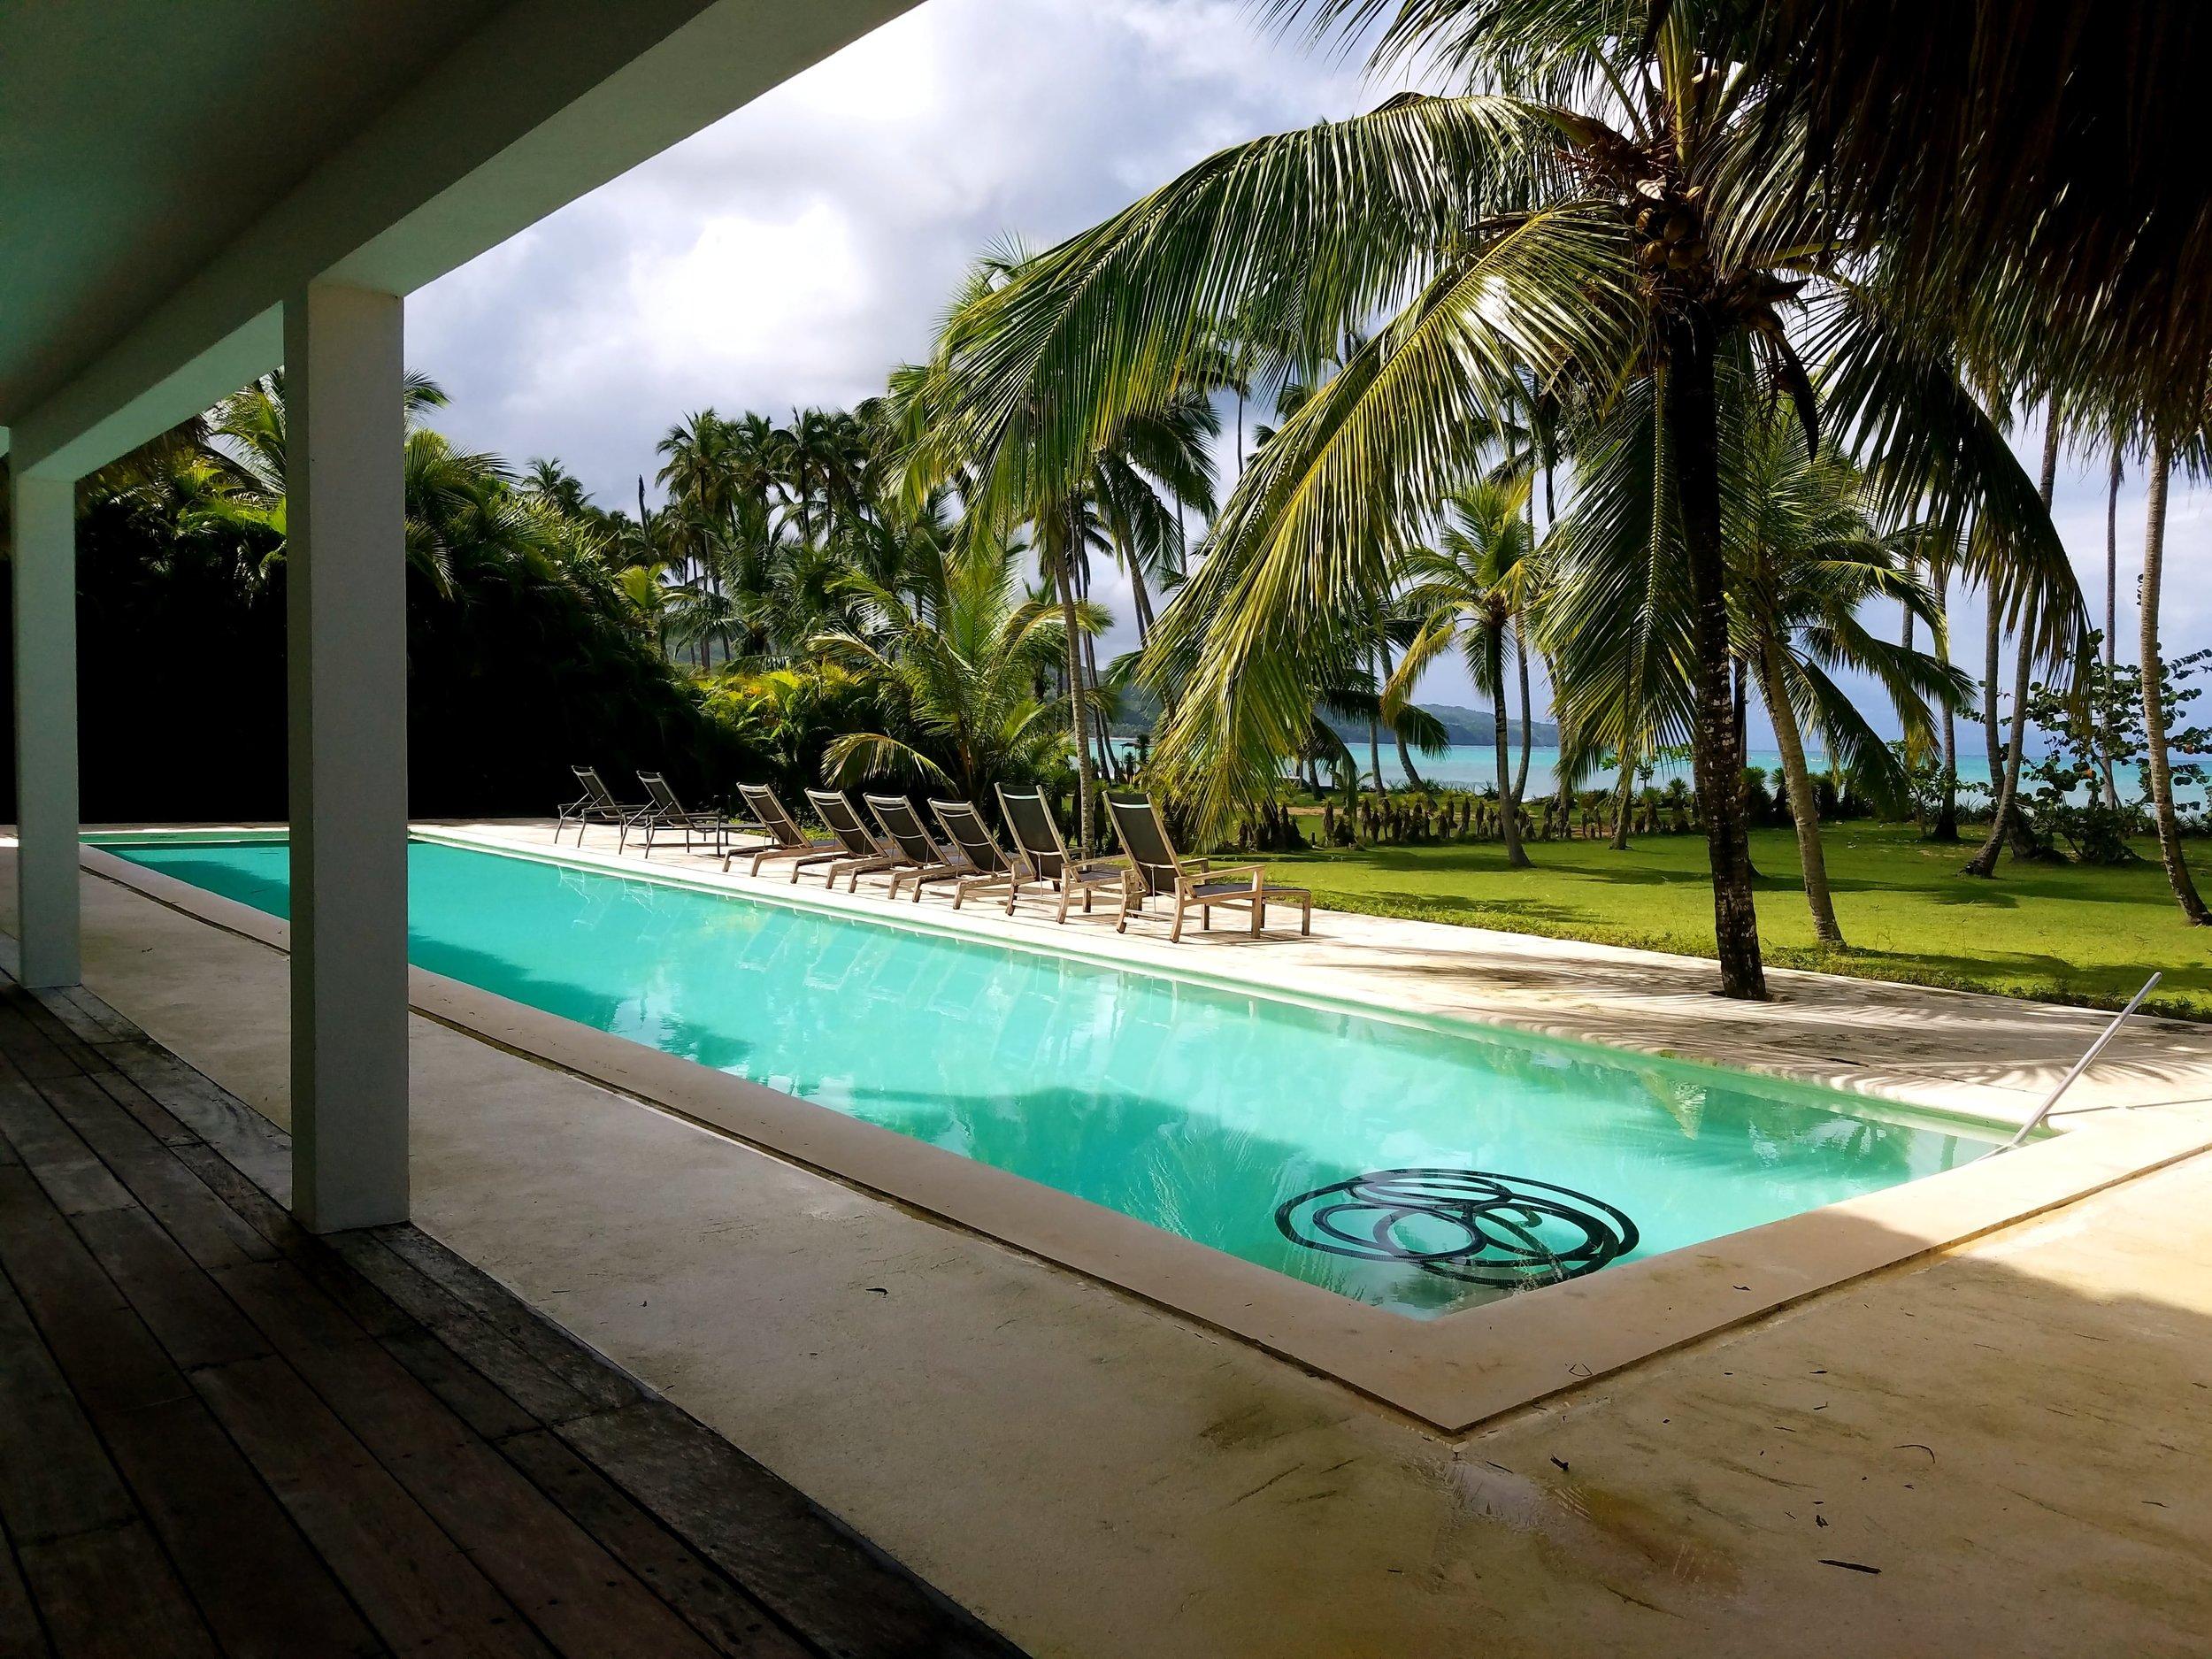 Villa for rent Las Terrenas Samana Casa Bibi26-min.jpg